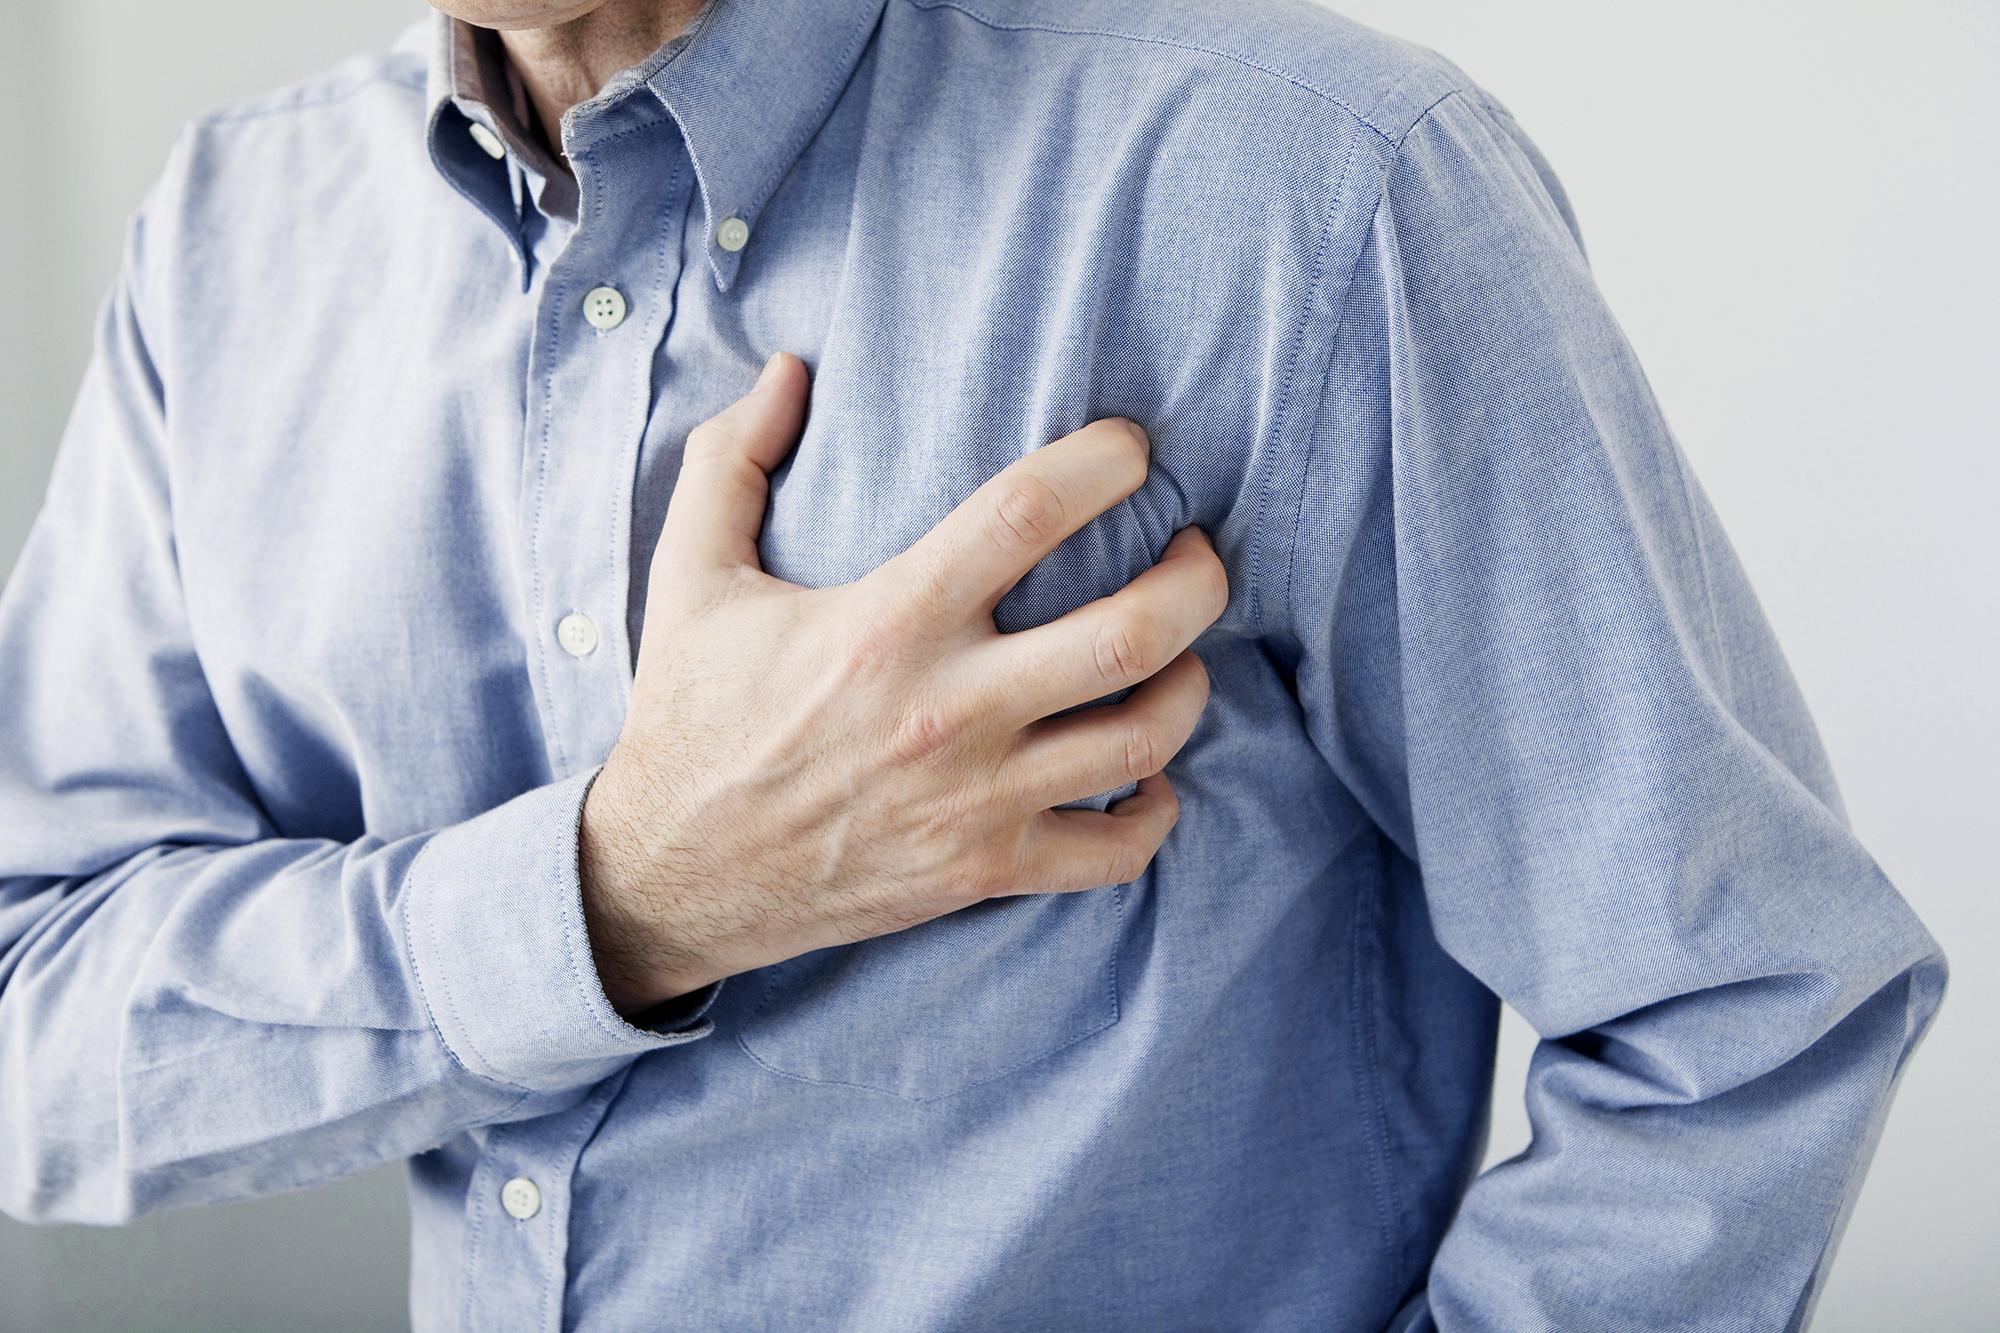 Мужчина сердце болит